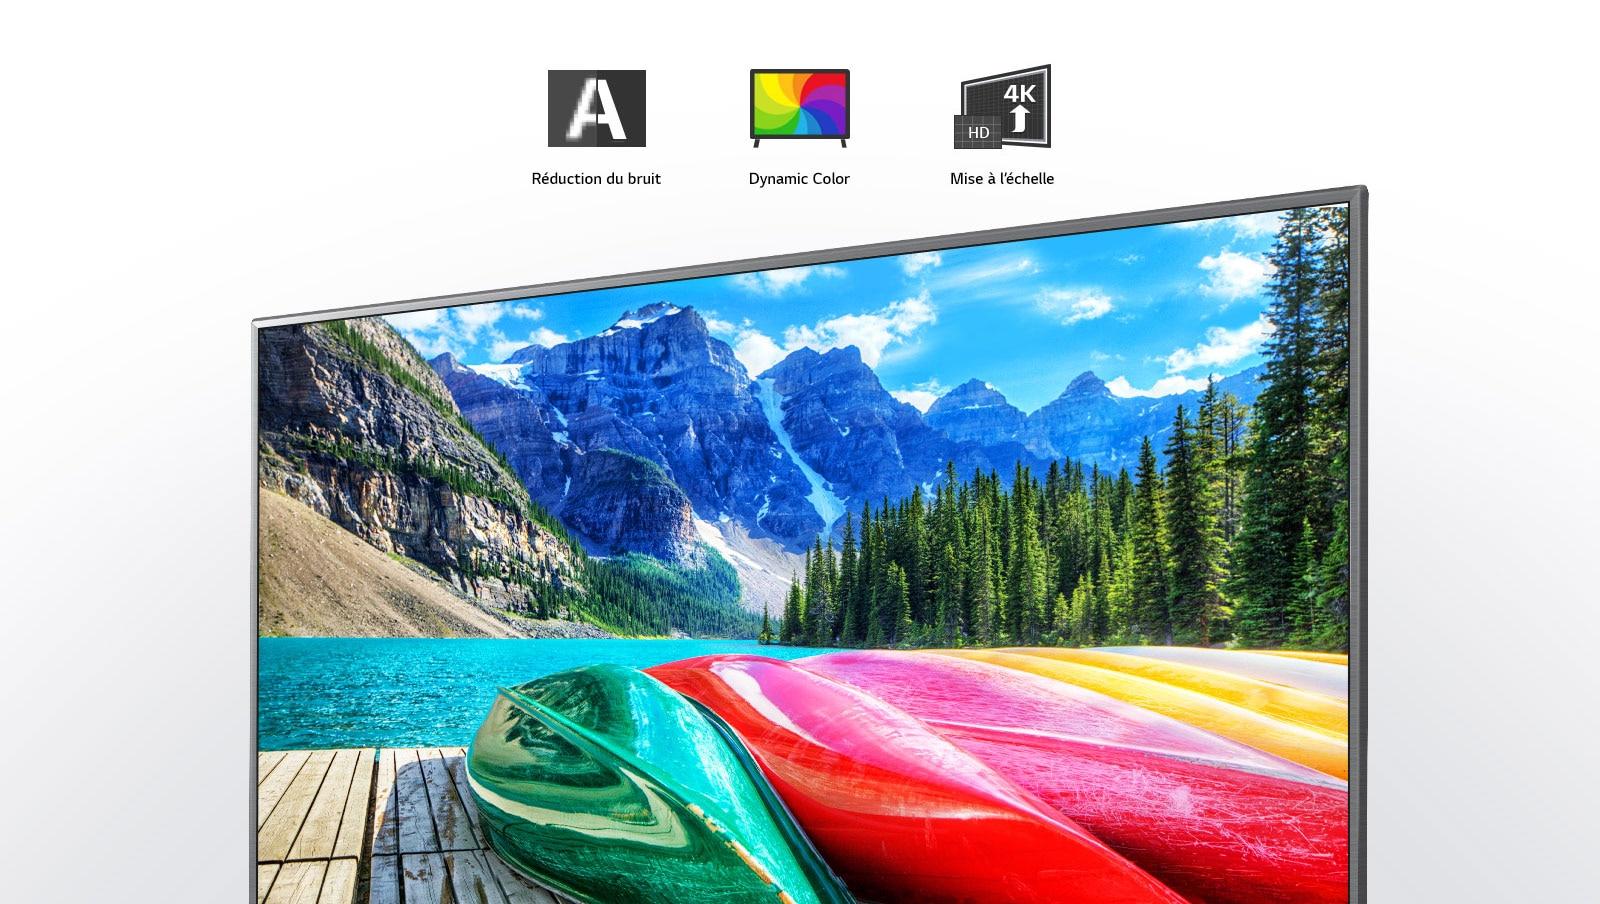 Icones des fonctions Réduction du bruit, Dynamic color et Mise à l'échelle, et écran de télévision présentant une vue panoramique des montagnes, de la forêt et d'un lac.